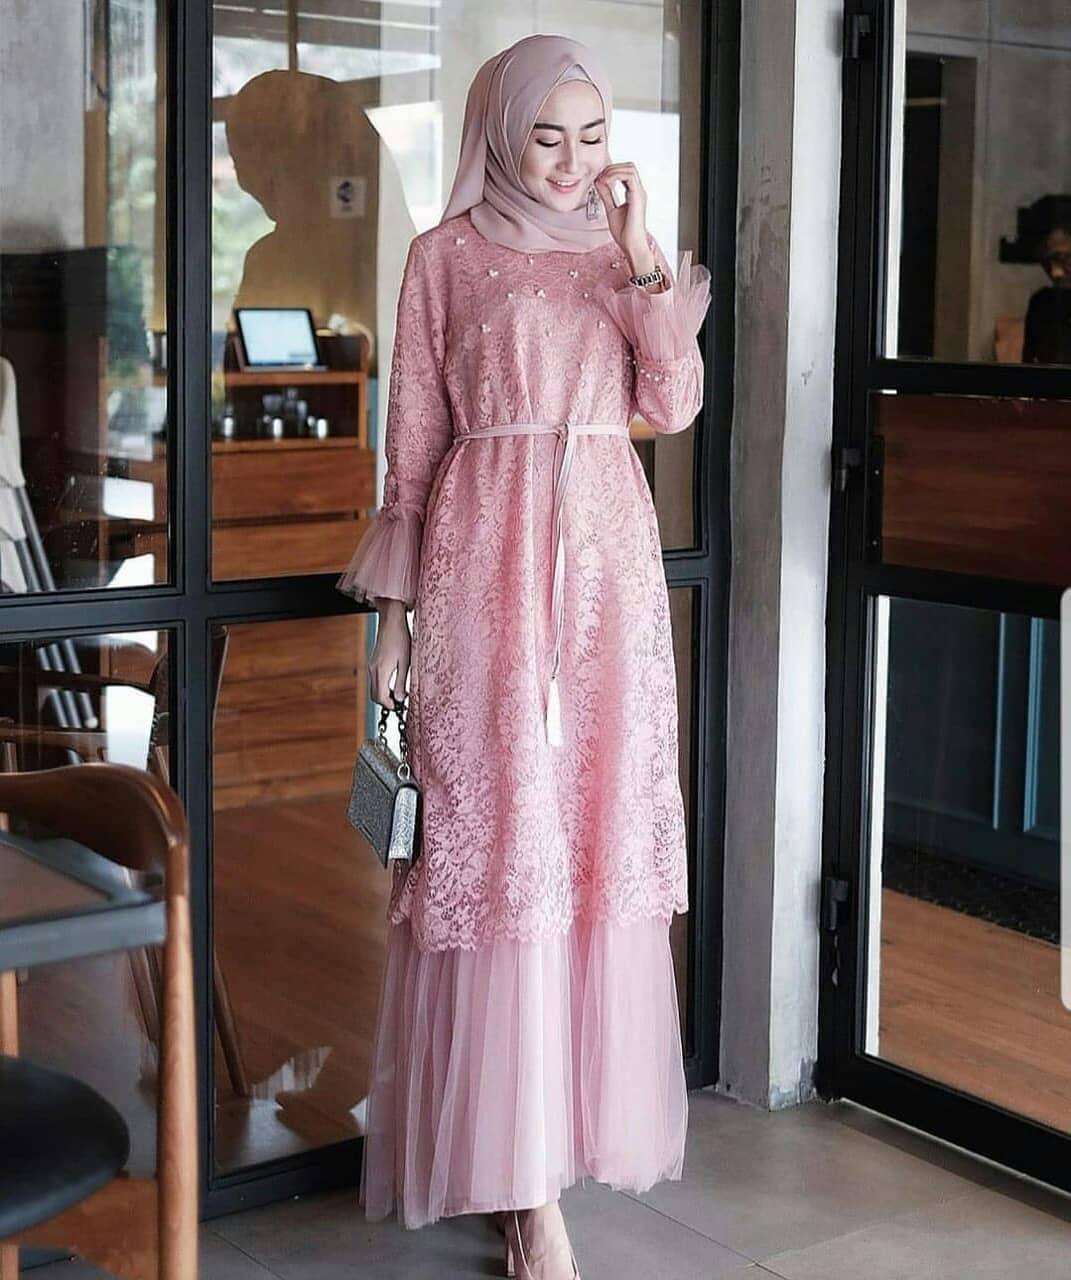 Humaria Dress / Dress Wanita / Gamis Brukat / Gaun Pesta / Baju Kebaya /  Gamis Wanita Terbaru / Pakaian Muslim Wanita / Kebaya Wisuda / Dress Remaja  /